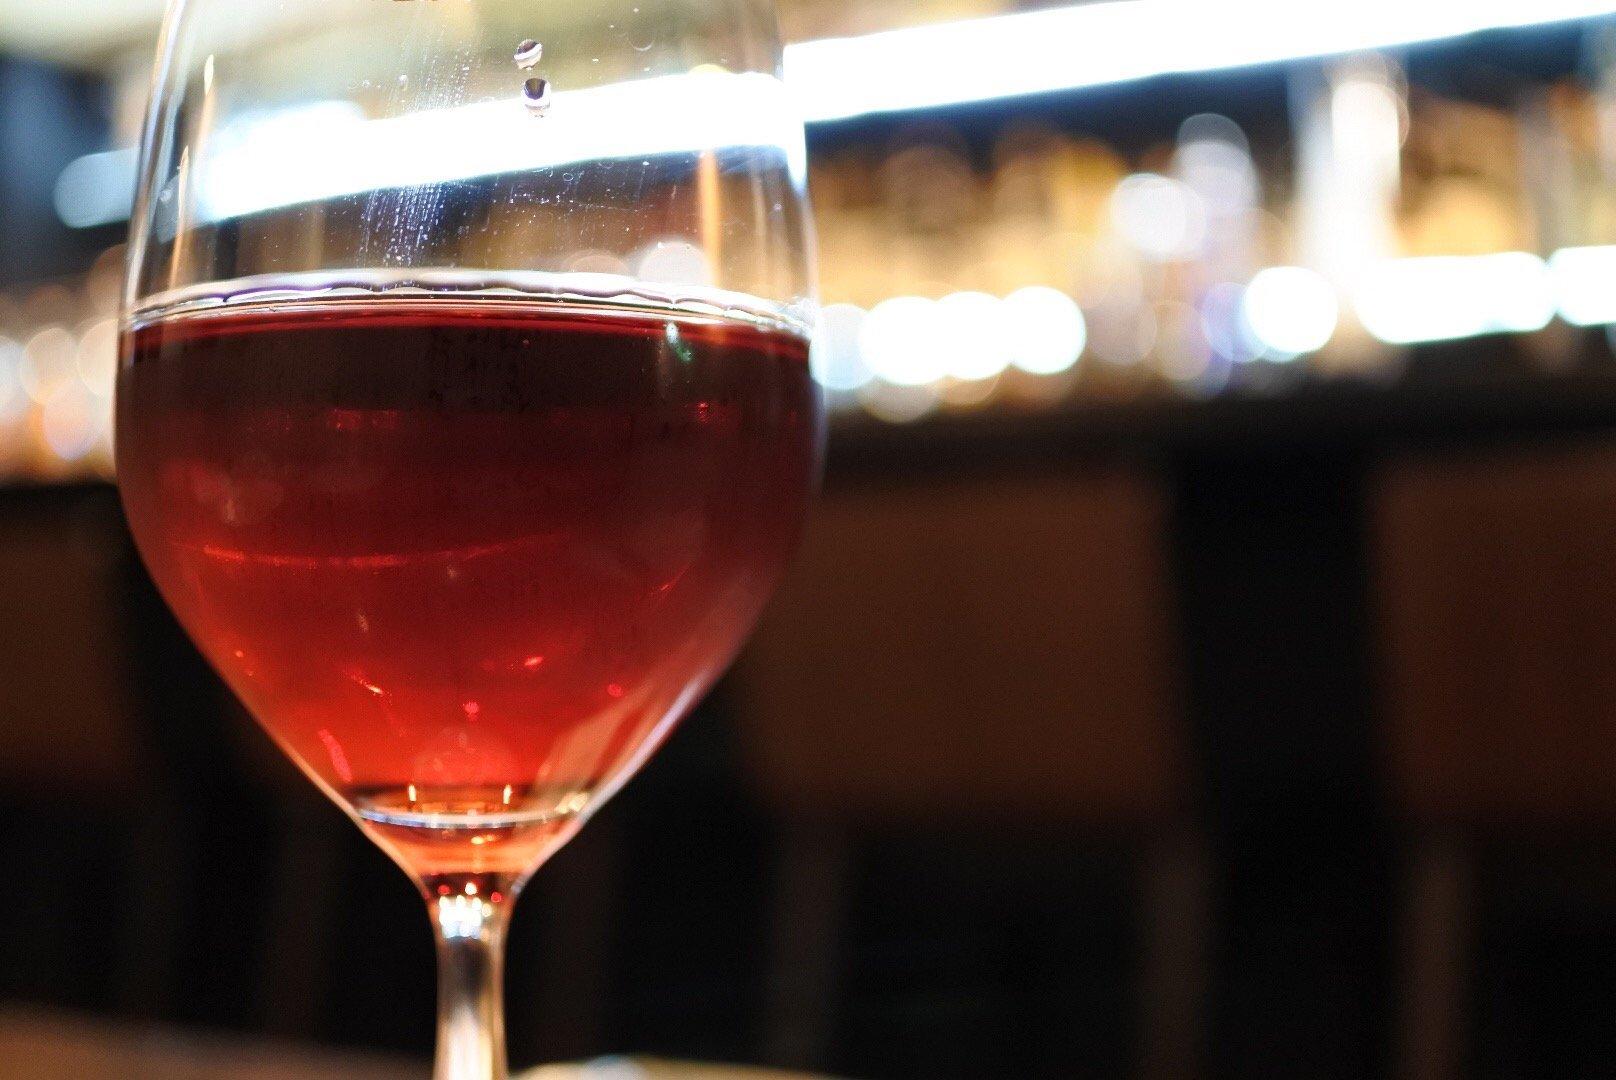 img 5a6d10a92138c - 普通のワインと何が違うの?ボジョレーヌーボーの知識